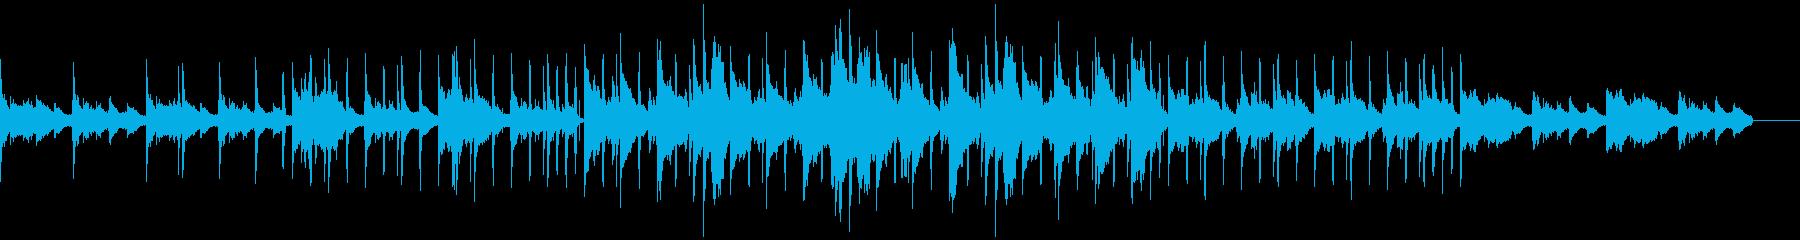 ヴィンテージな感じのソウルヒップホップの再生済みの波形